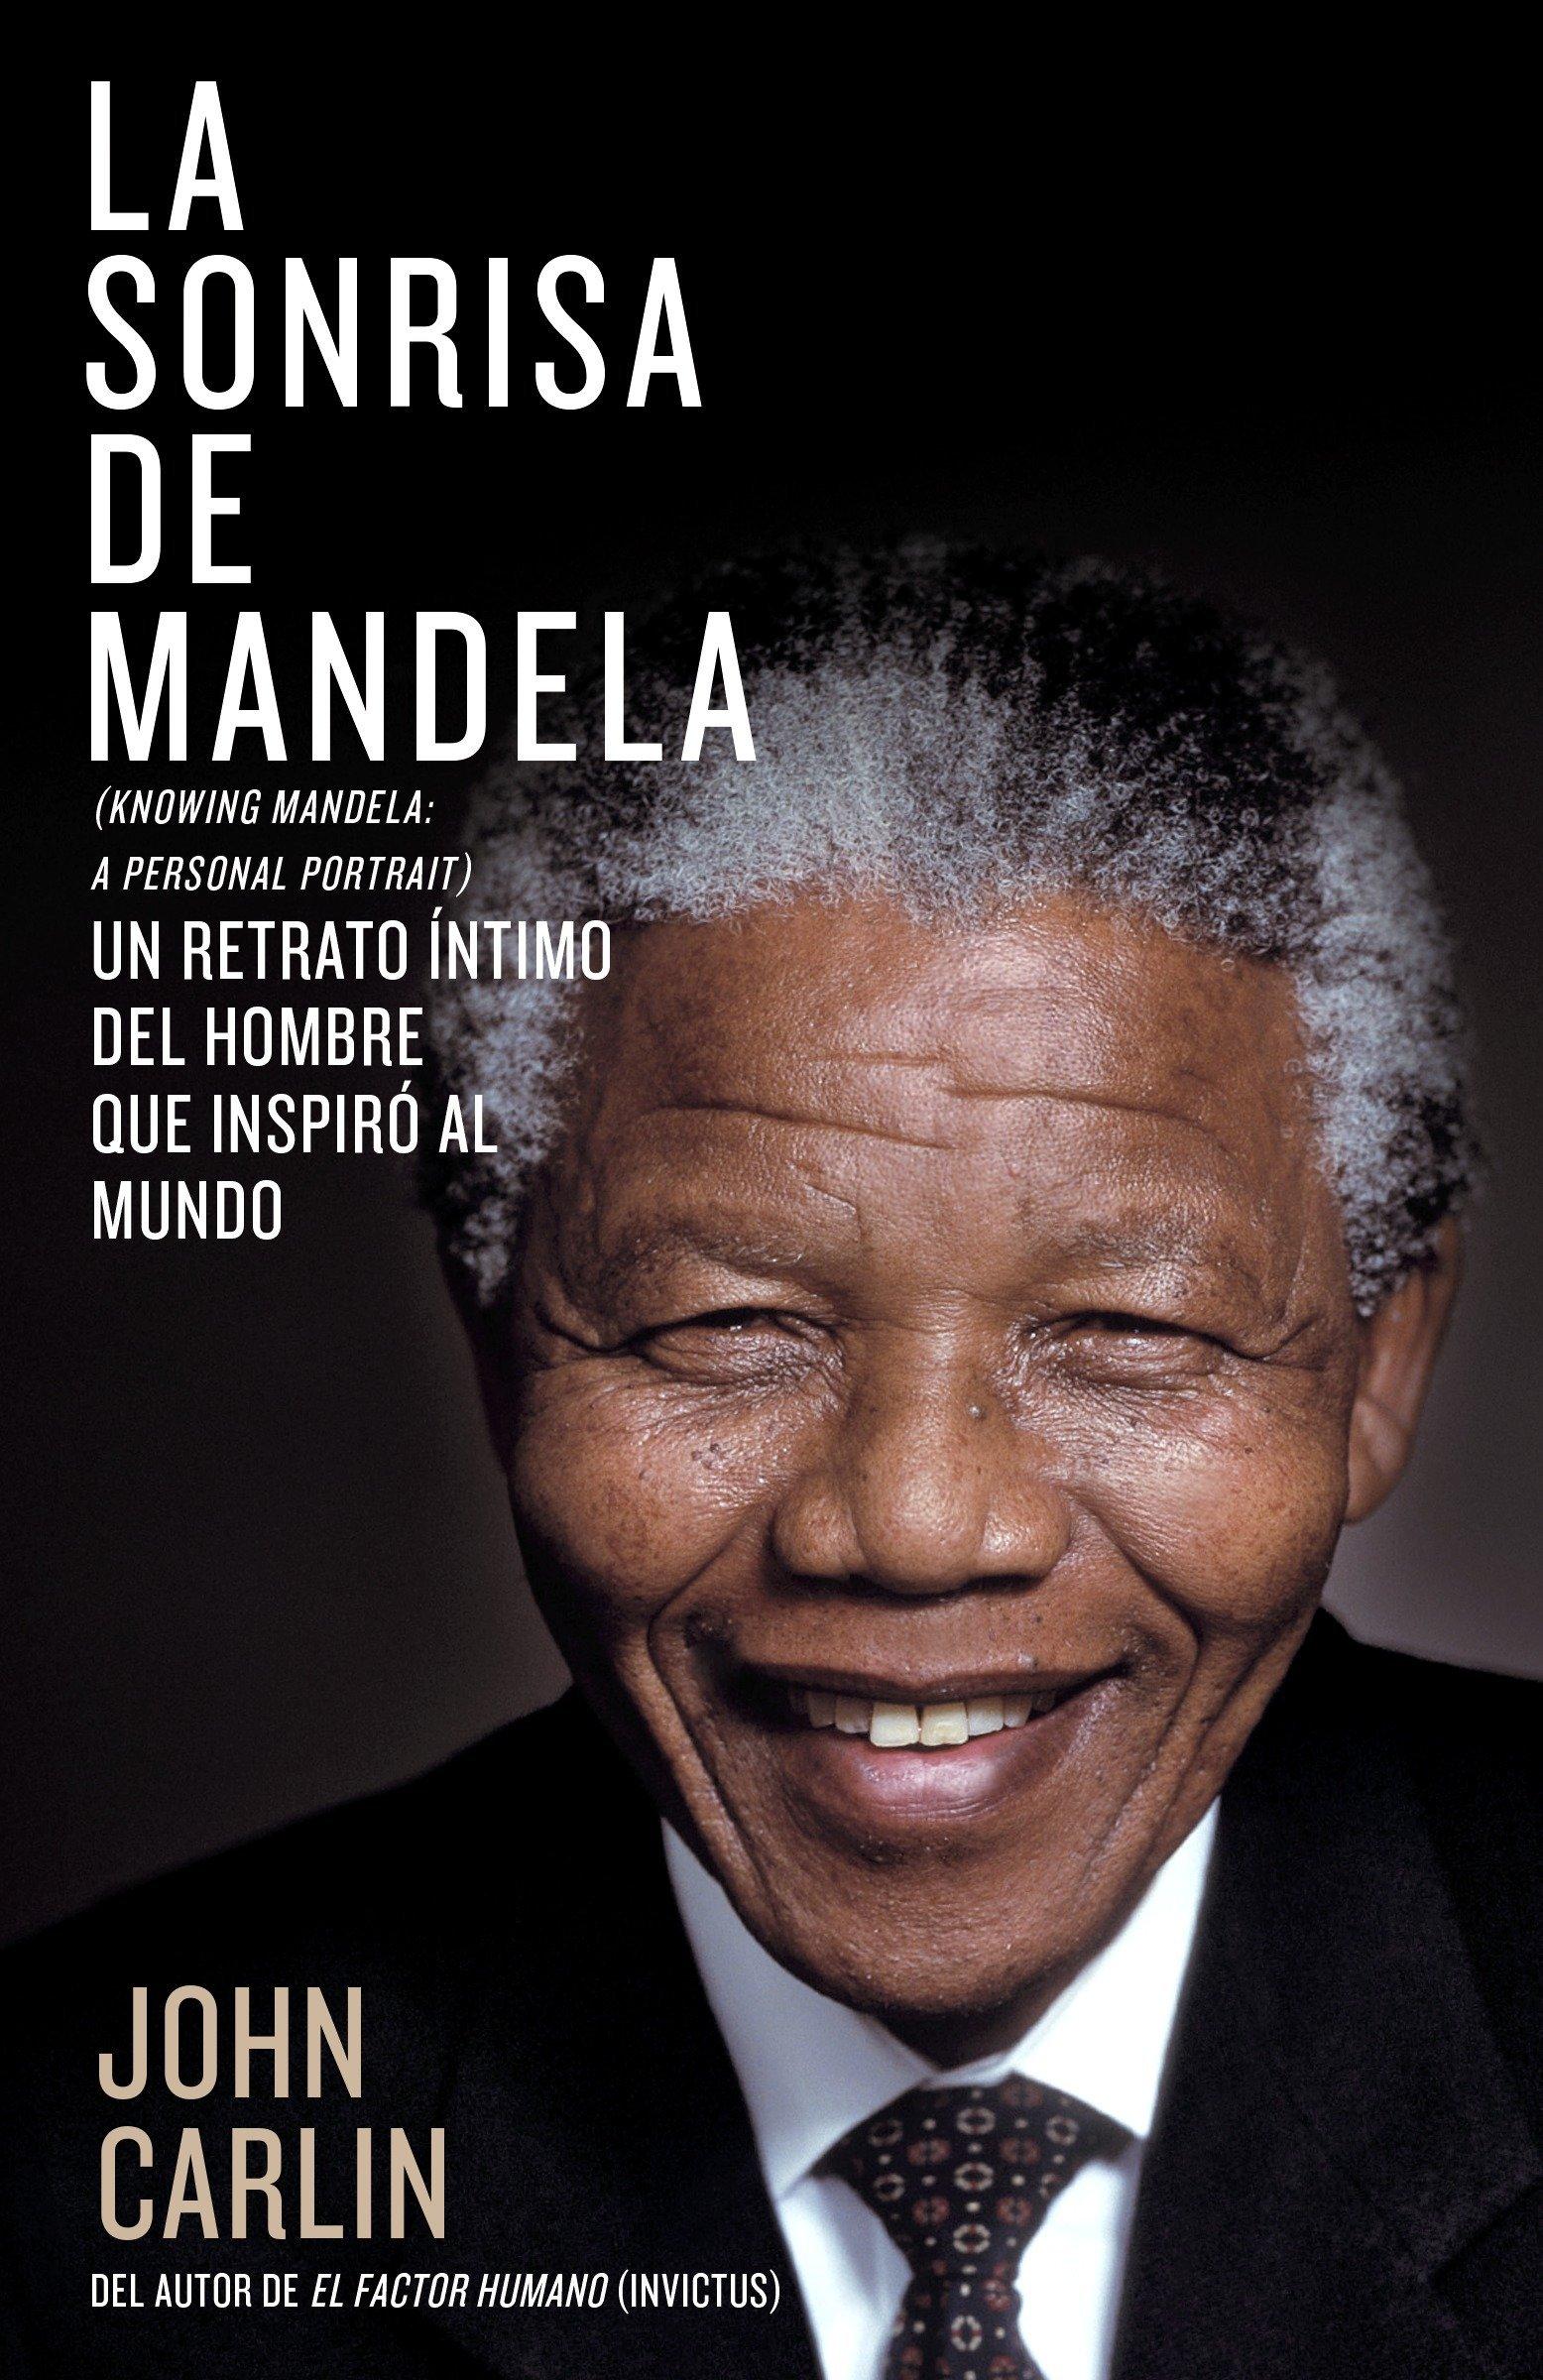 fc76d34fda5 La sonrisa de Mandela (Spanish Edition)  John Carlin  2015804173001   Amazon.com  Books